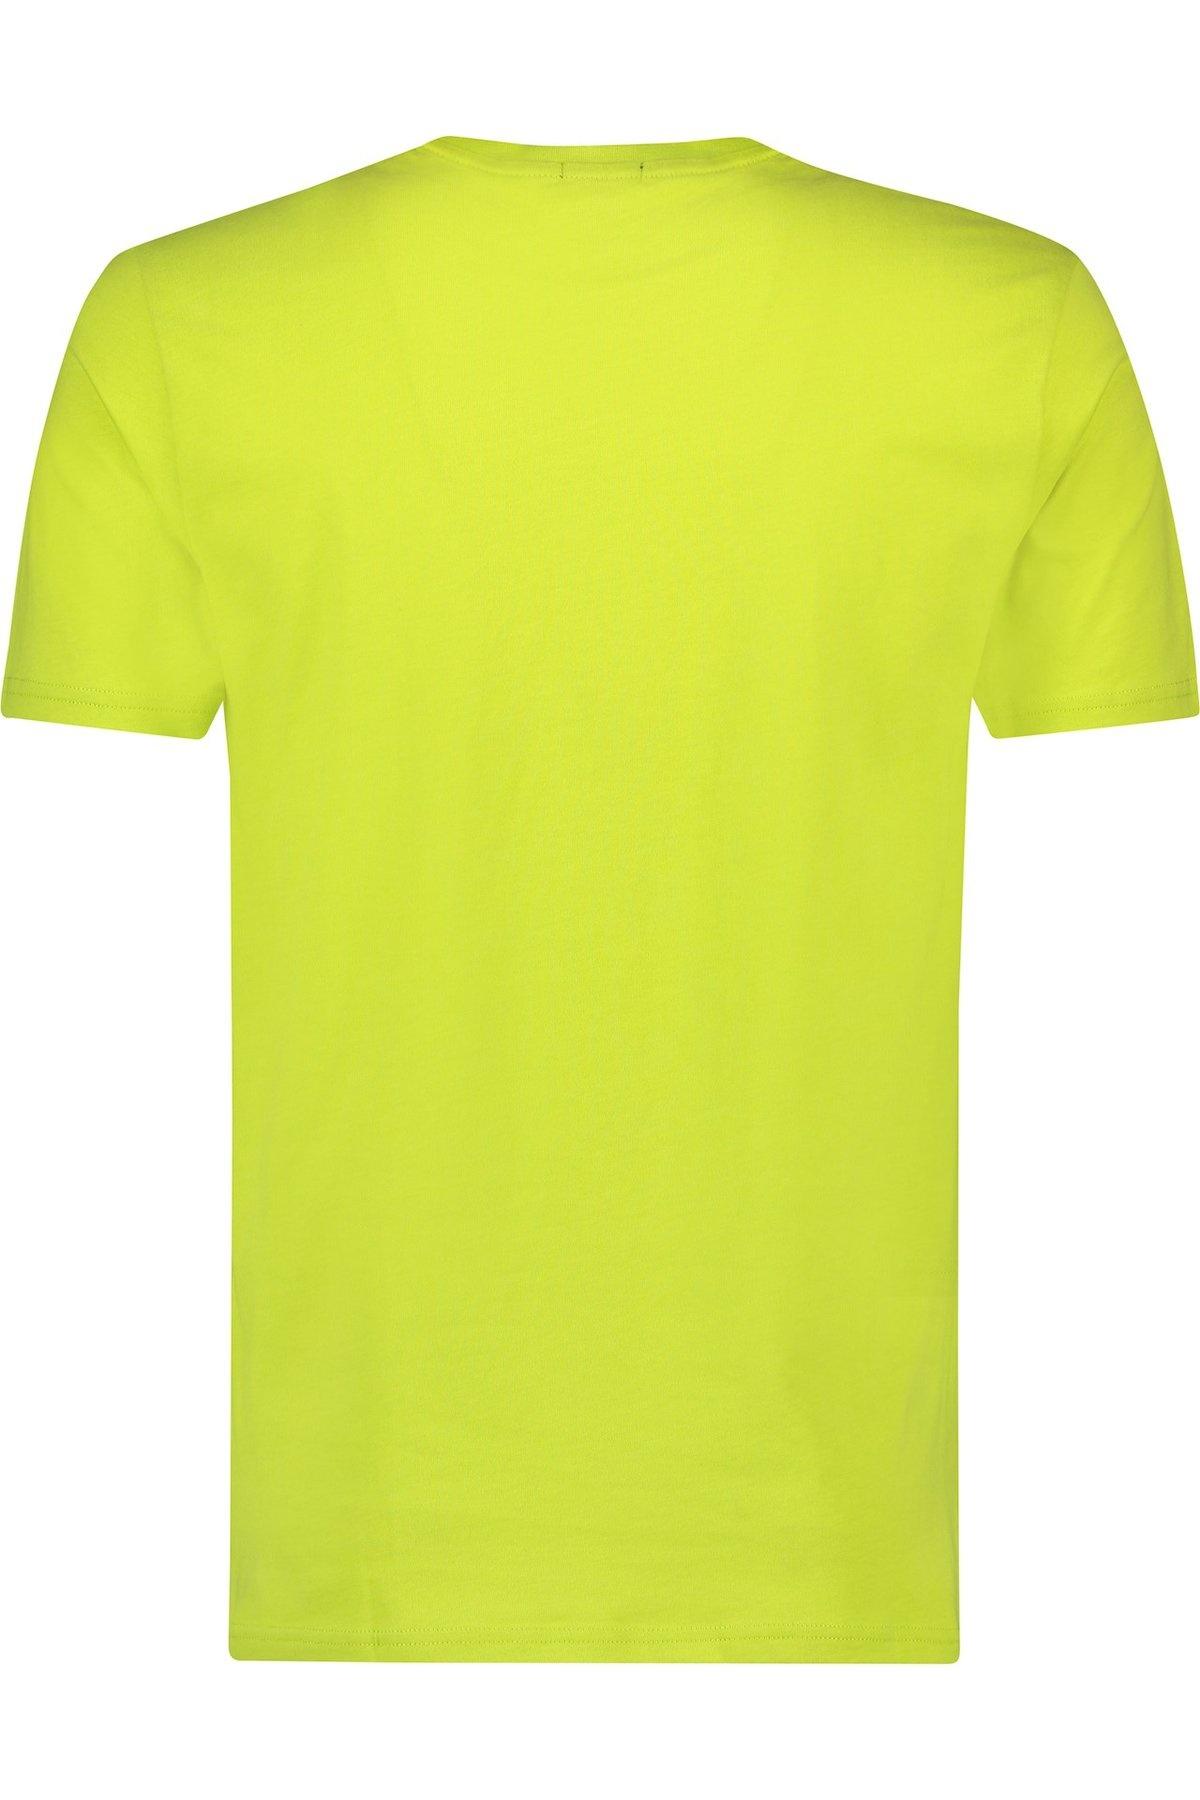 HAZE&FINN t-shirt à col rond et logo haze&finn puff-2